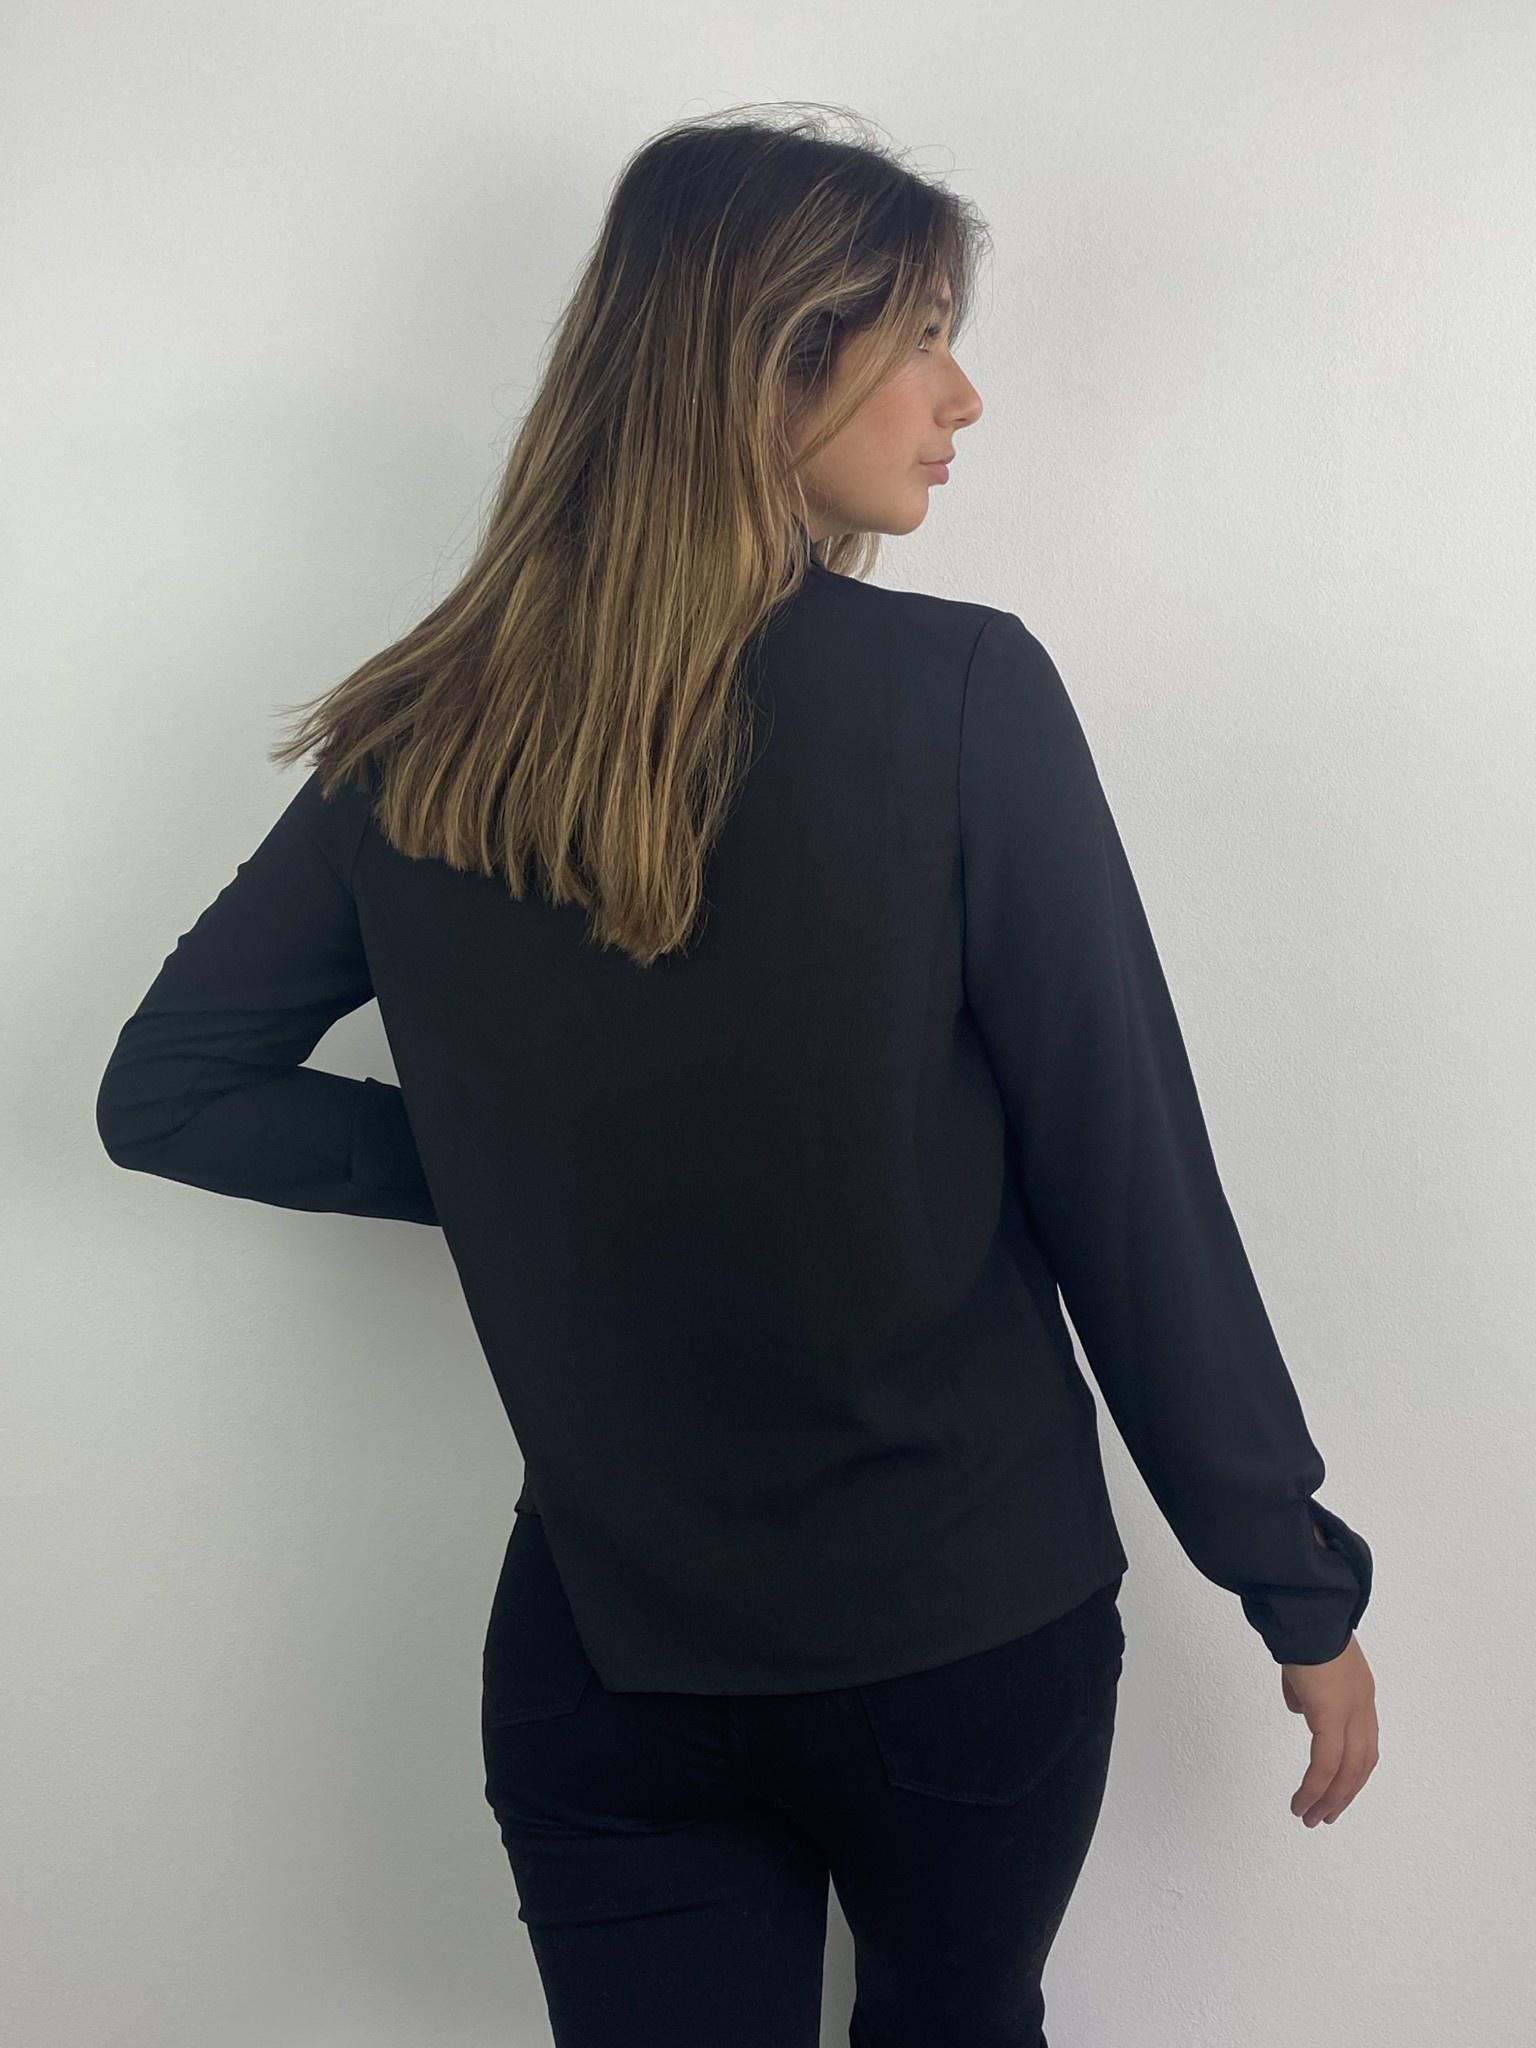 Tasmin broderie blouse Black-3